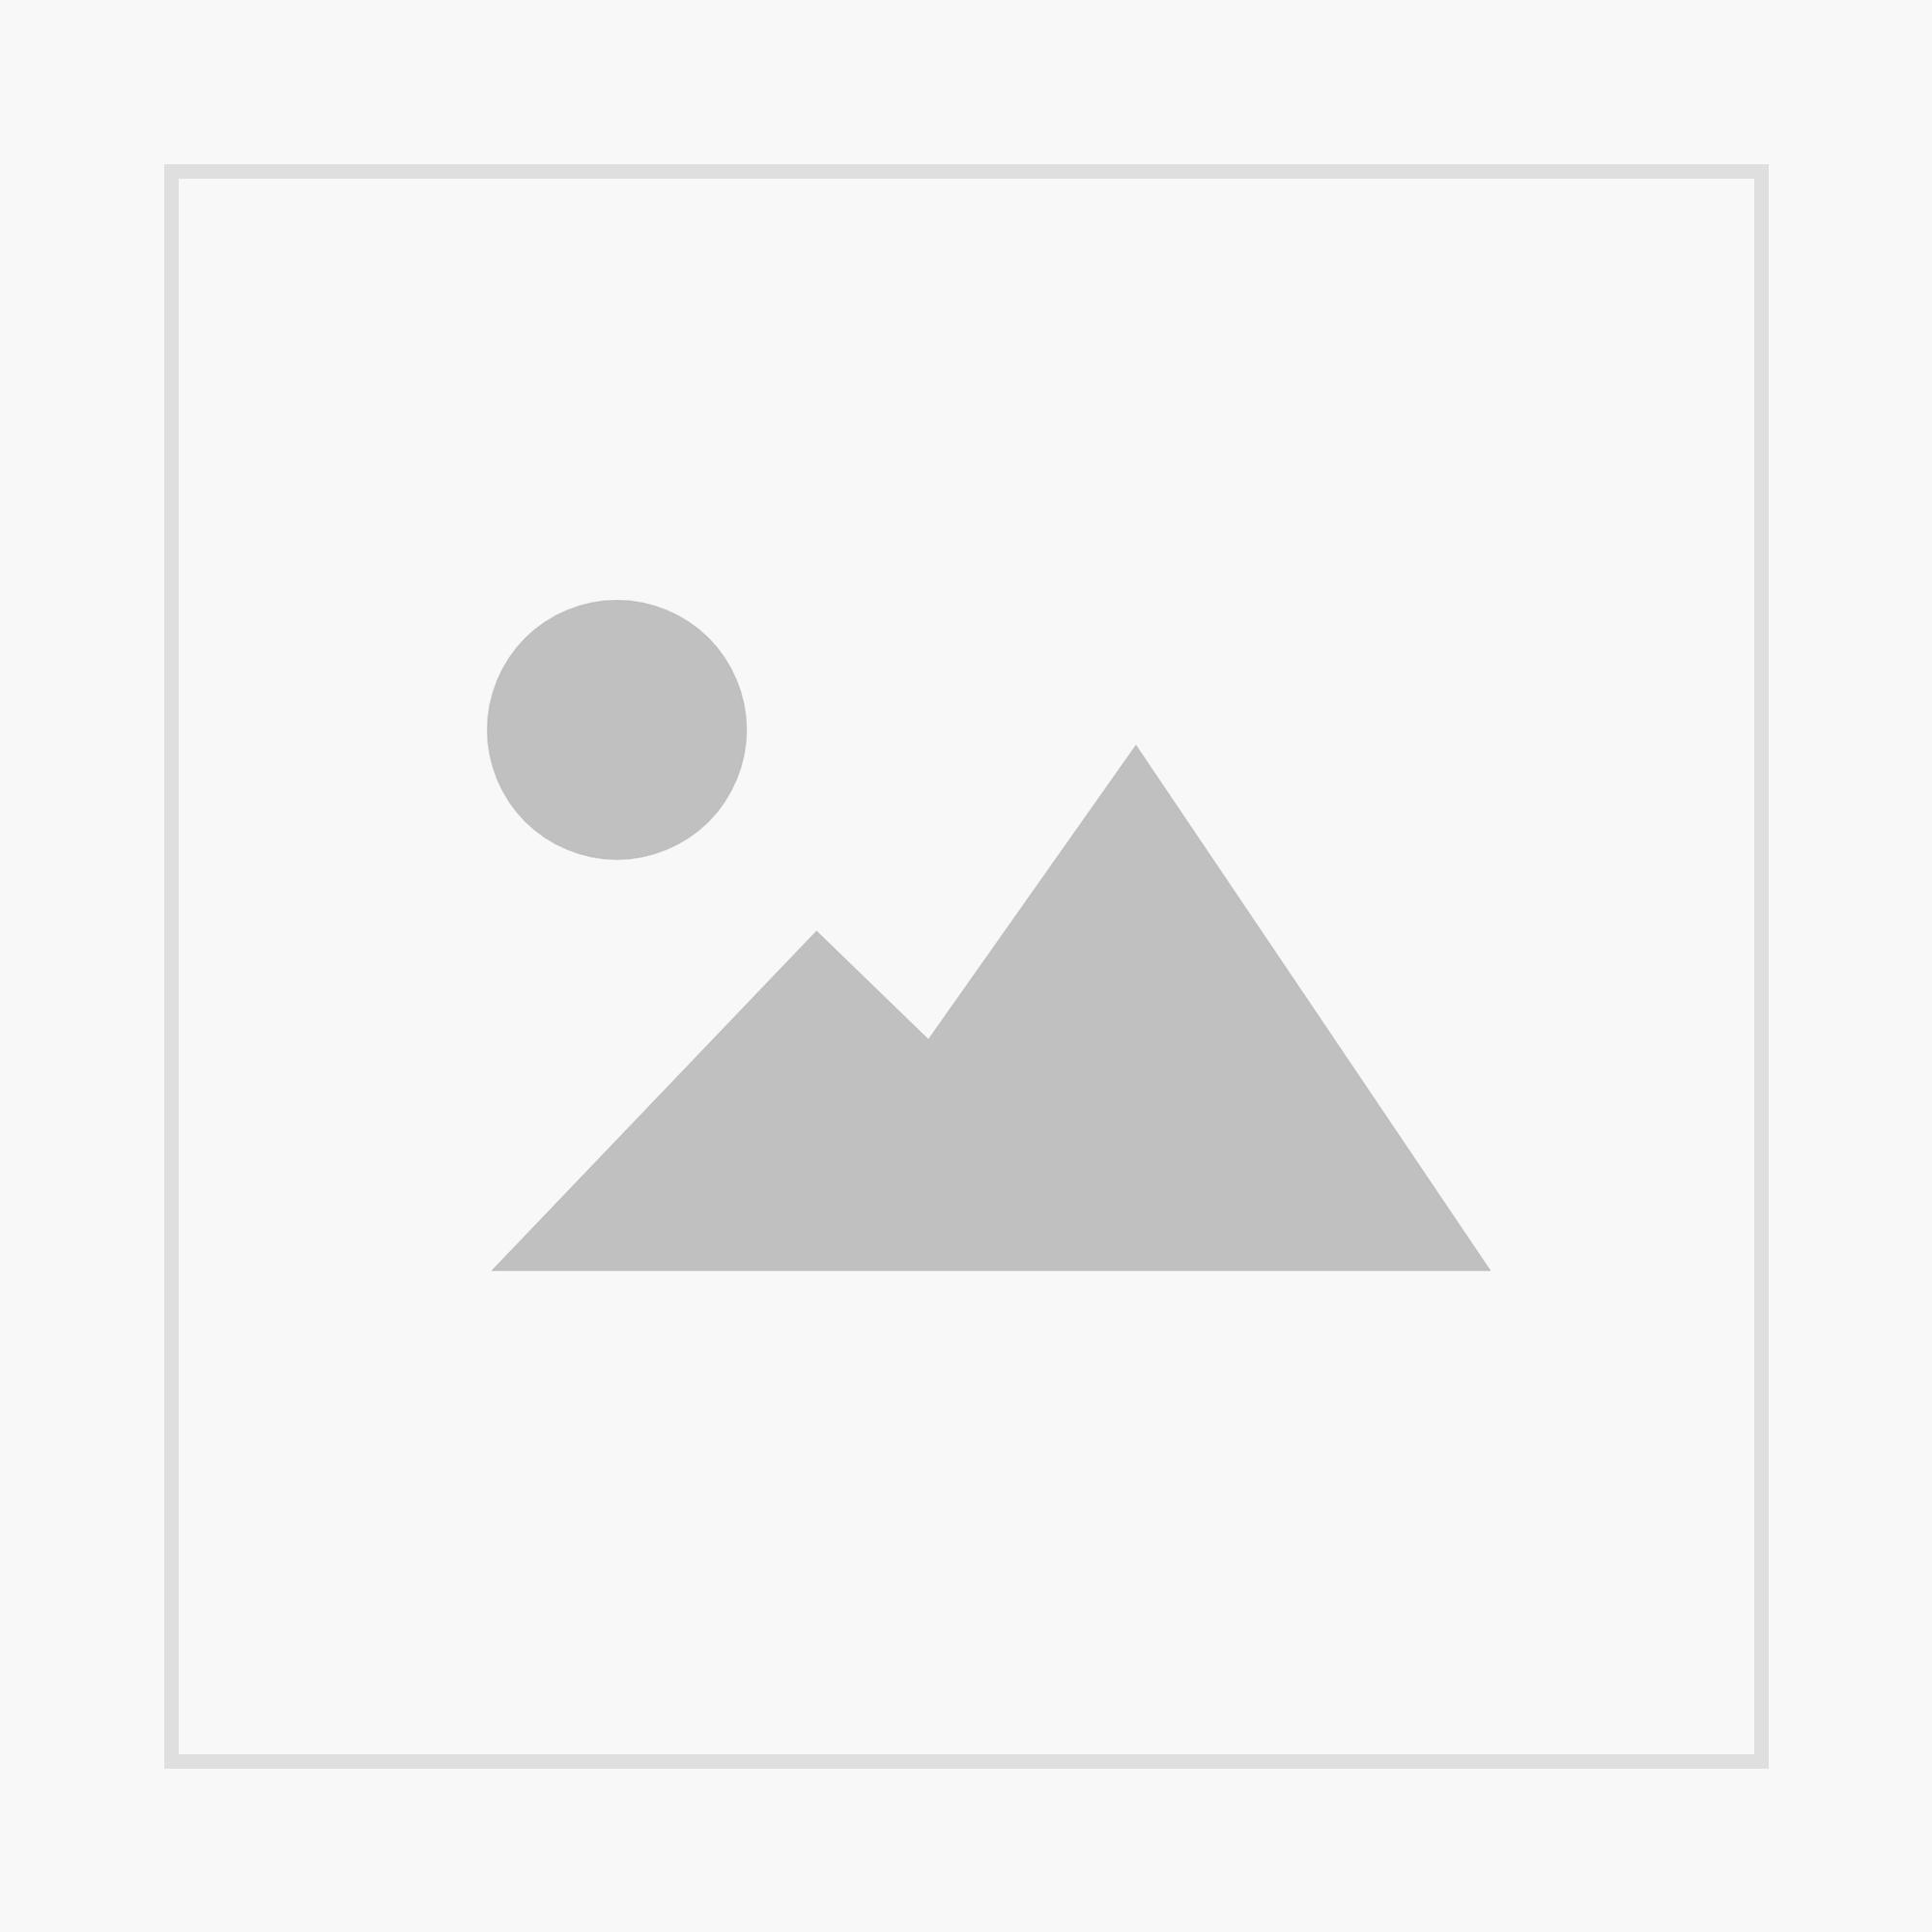 Planzeichen für die örtliche Landschaftsplanung